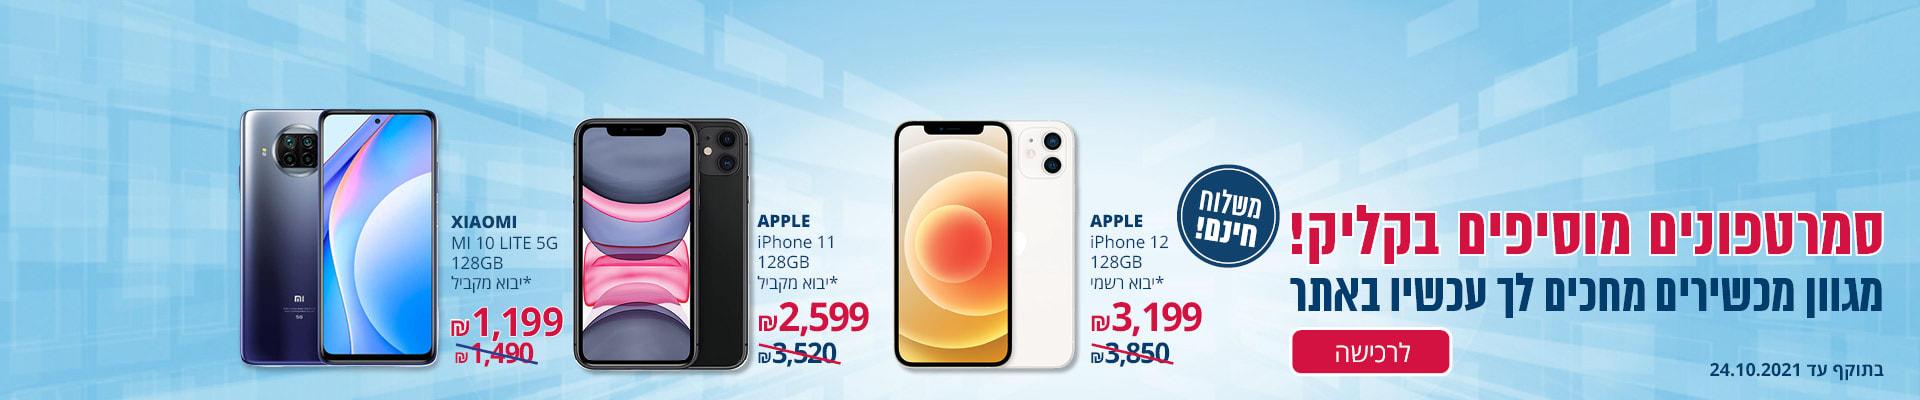 סמארטפונים מוסיפים בקליק! מגוון מכשירים במחירים מיוחדים ומשלוח חינם: iPHONE11 128GB יבוא מקביל 2599 ₪, iPhone12 128GB יבוא רשמי 3199₪, Mi 10 lite 5G 128GB XIAOMI יבוא מקביל 1199₪. יבוא מקביל.תוקף:24.10.21